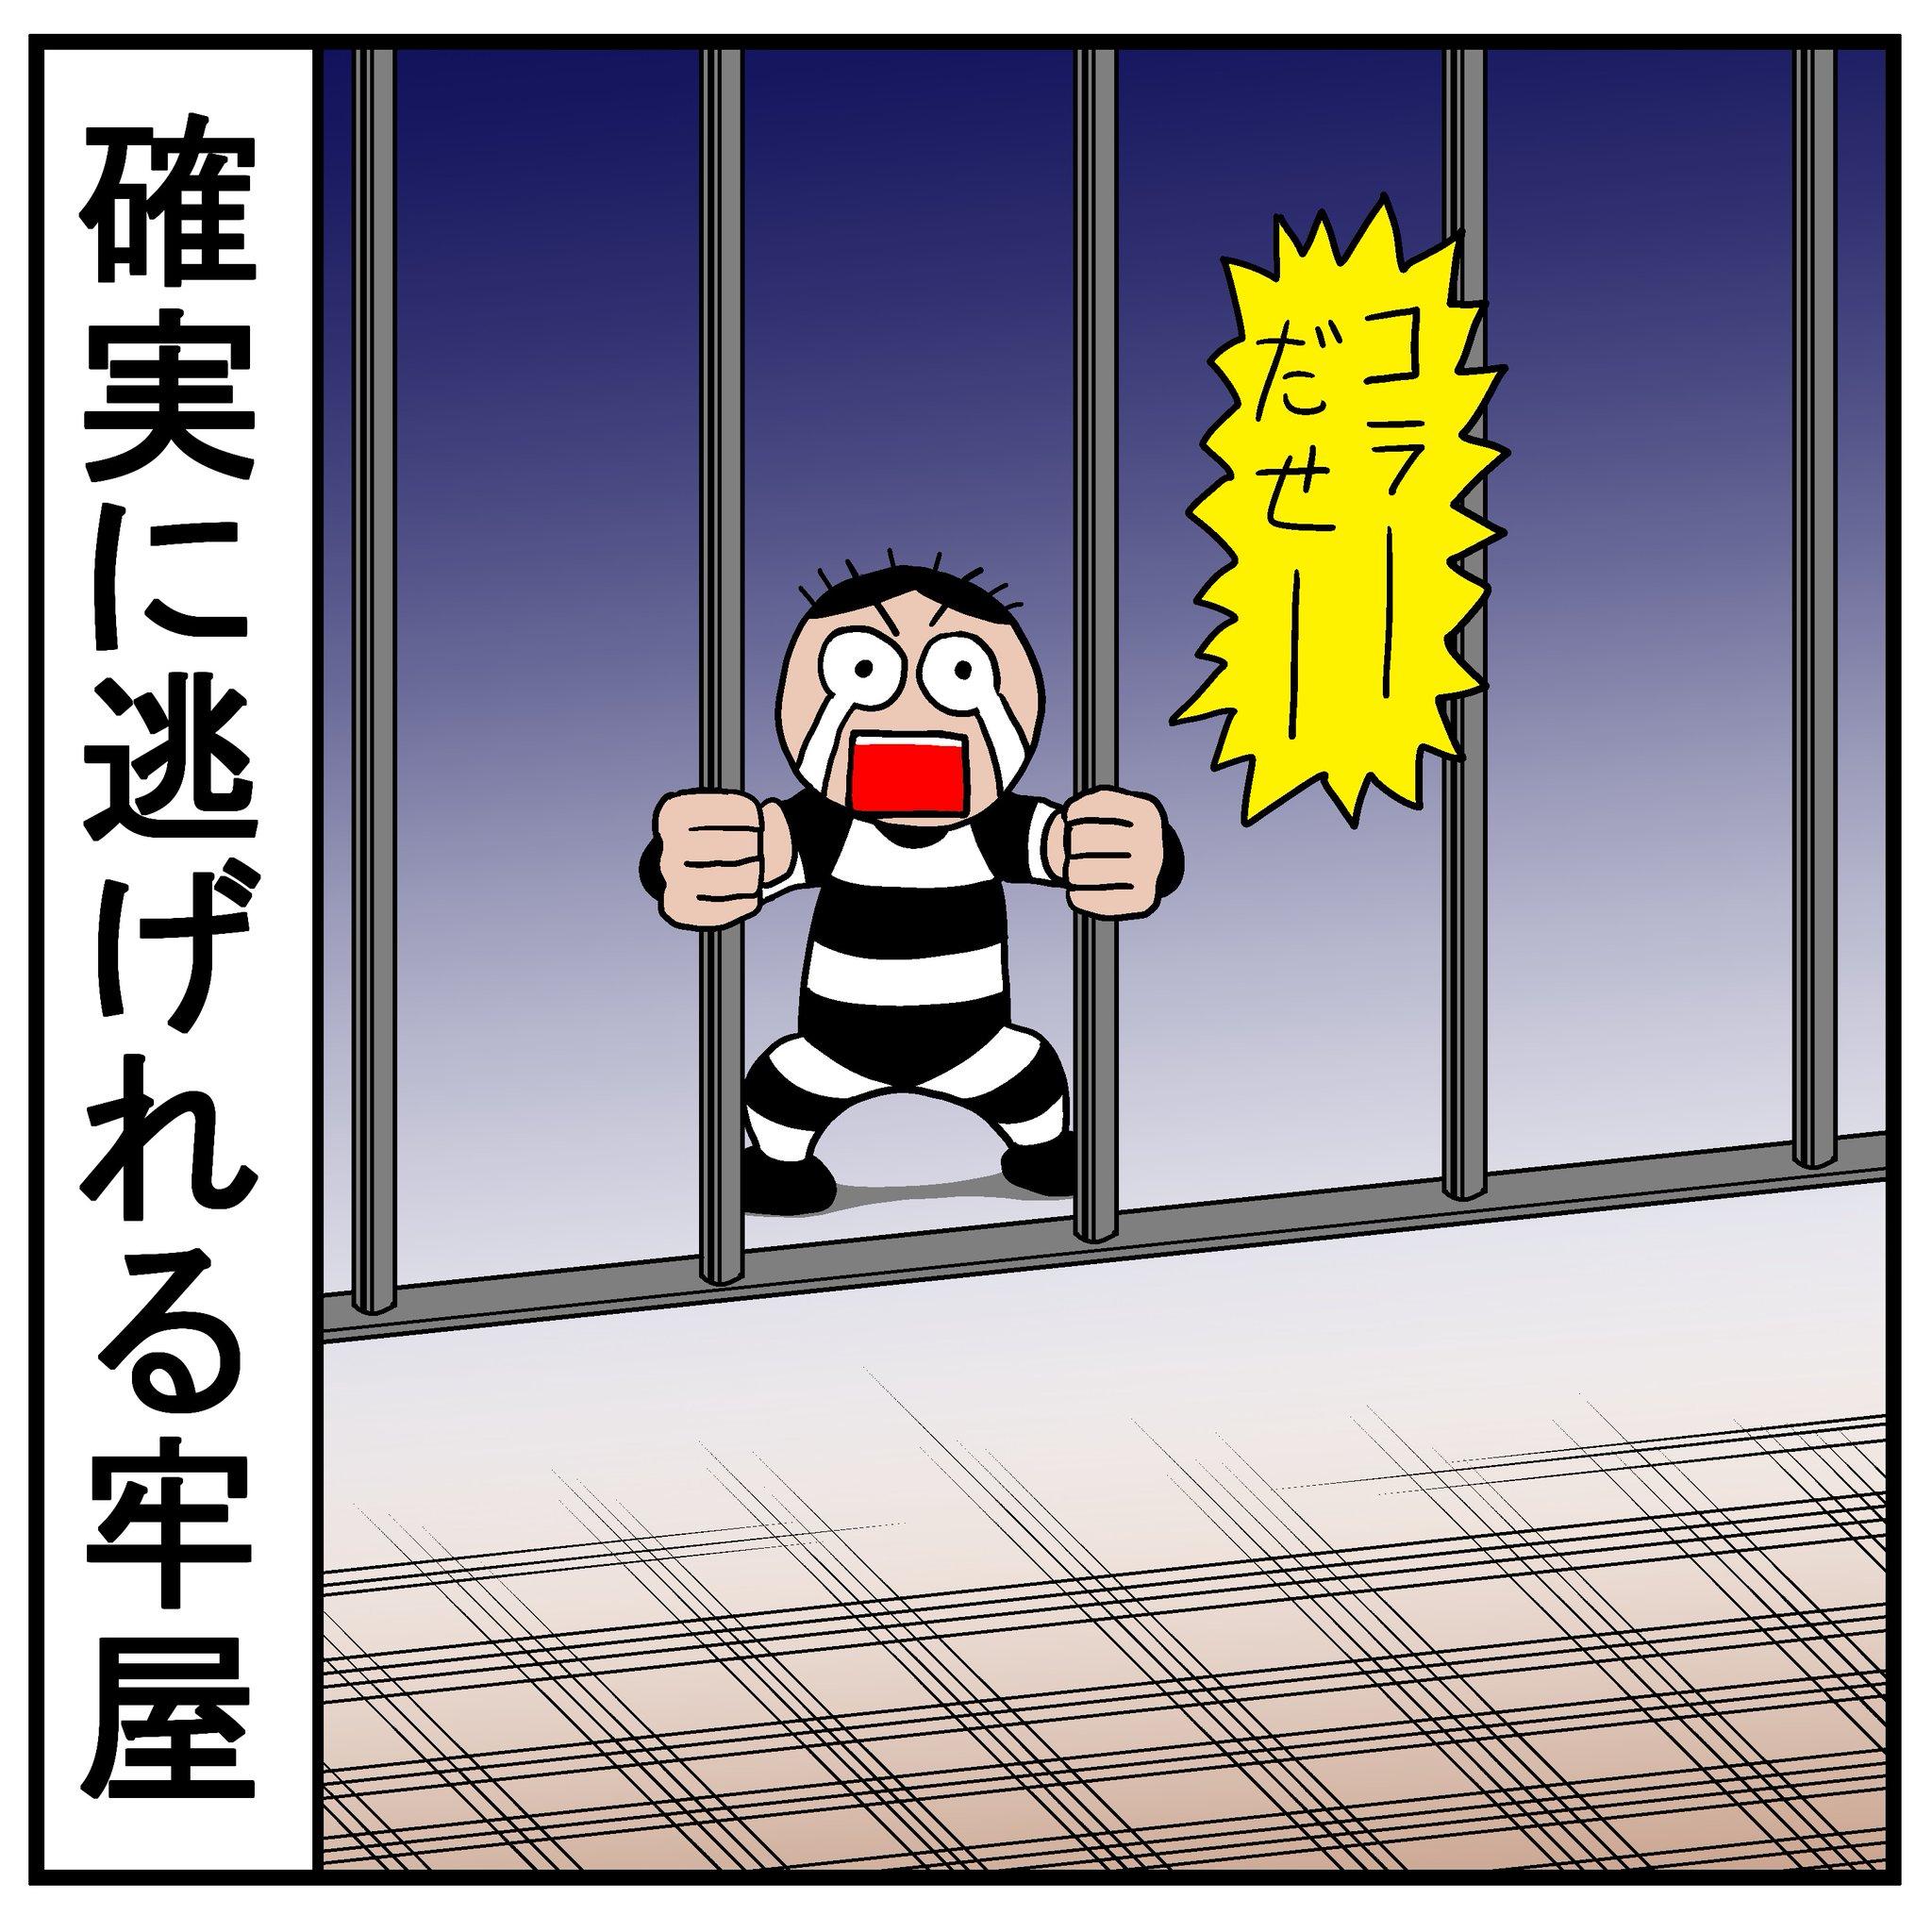 漫画あるある!牢屋の柵の幅が広くて確実に逃げれる!